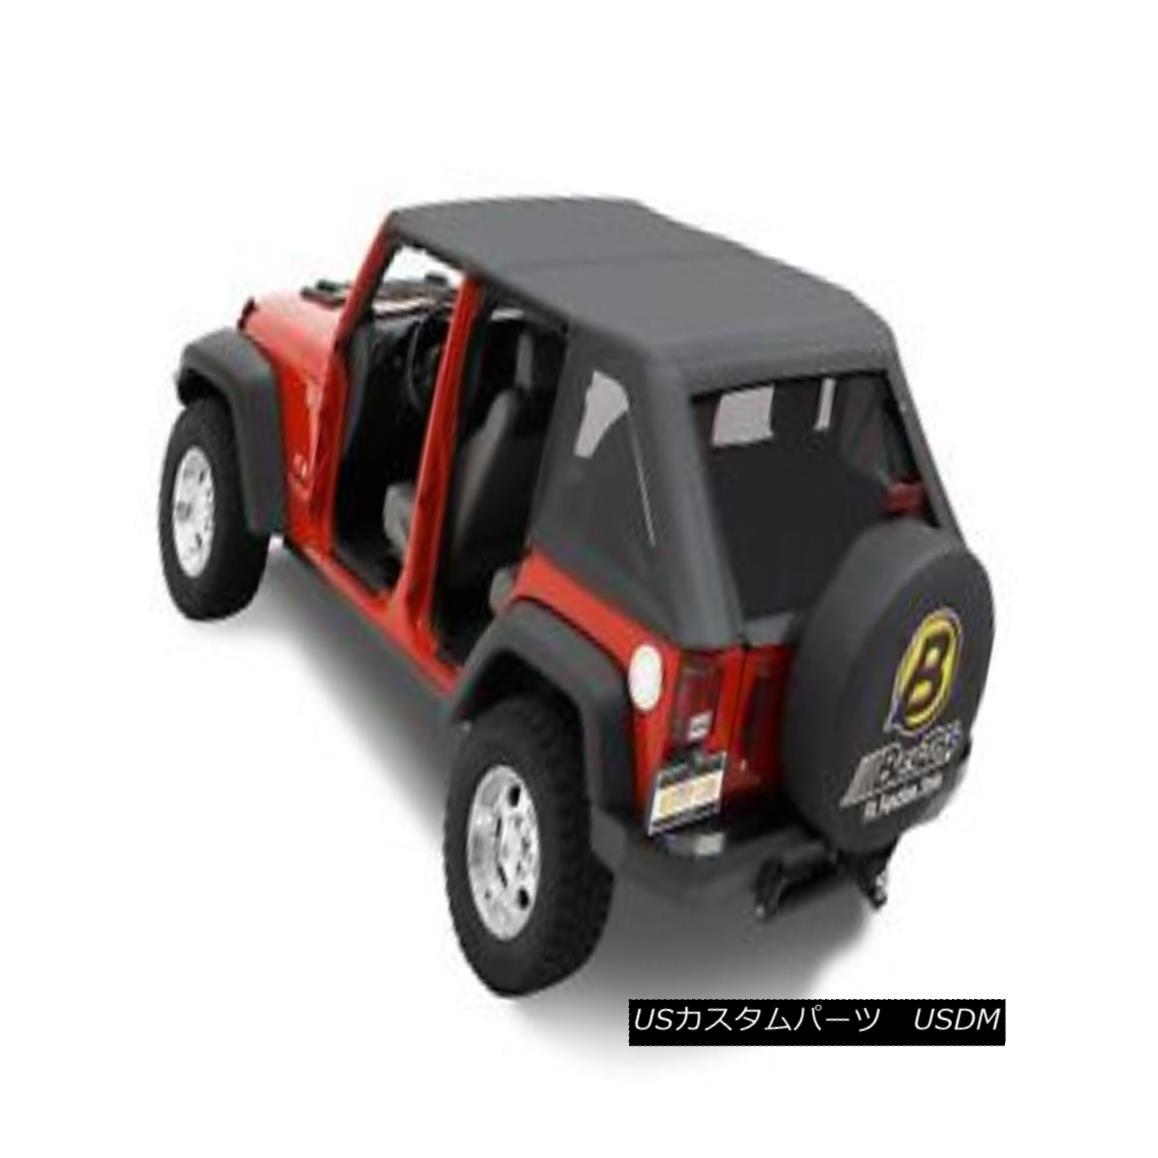 幌・ソフトトップ Bestop 56805-35 Jeep Trektop Complete Replacement Soft Top Black Diamond Bestop 56805-35 Jeep Trektop完全な交換ソフトトップブラックダイヤモンド